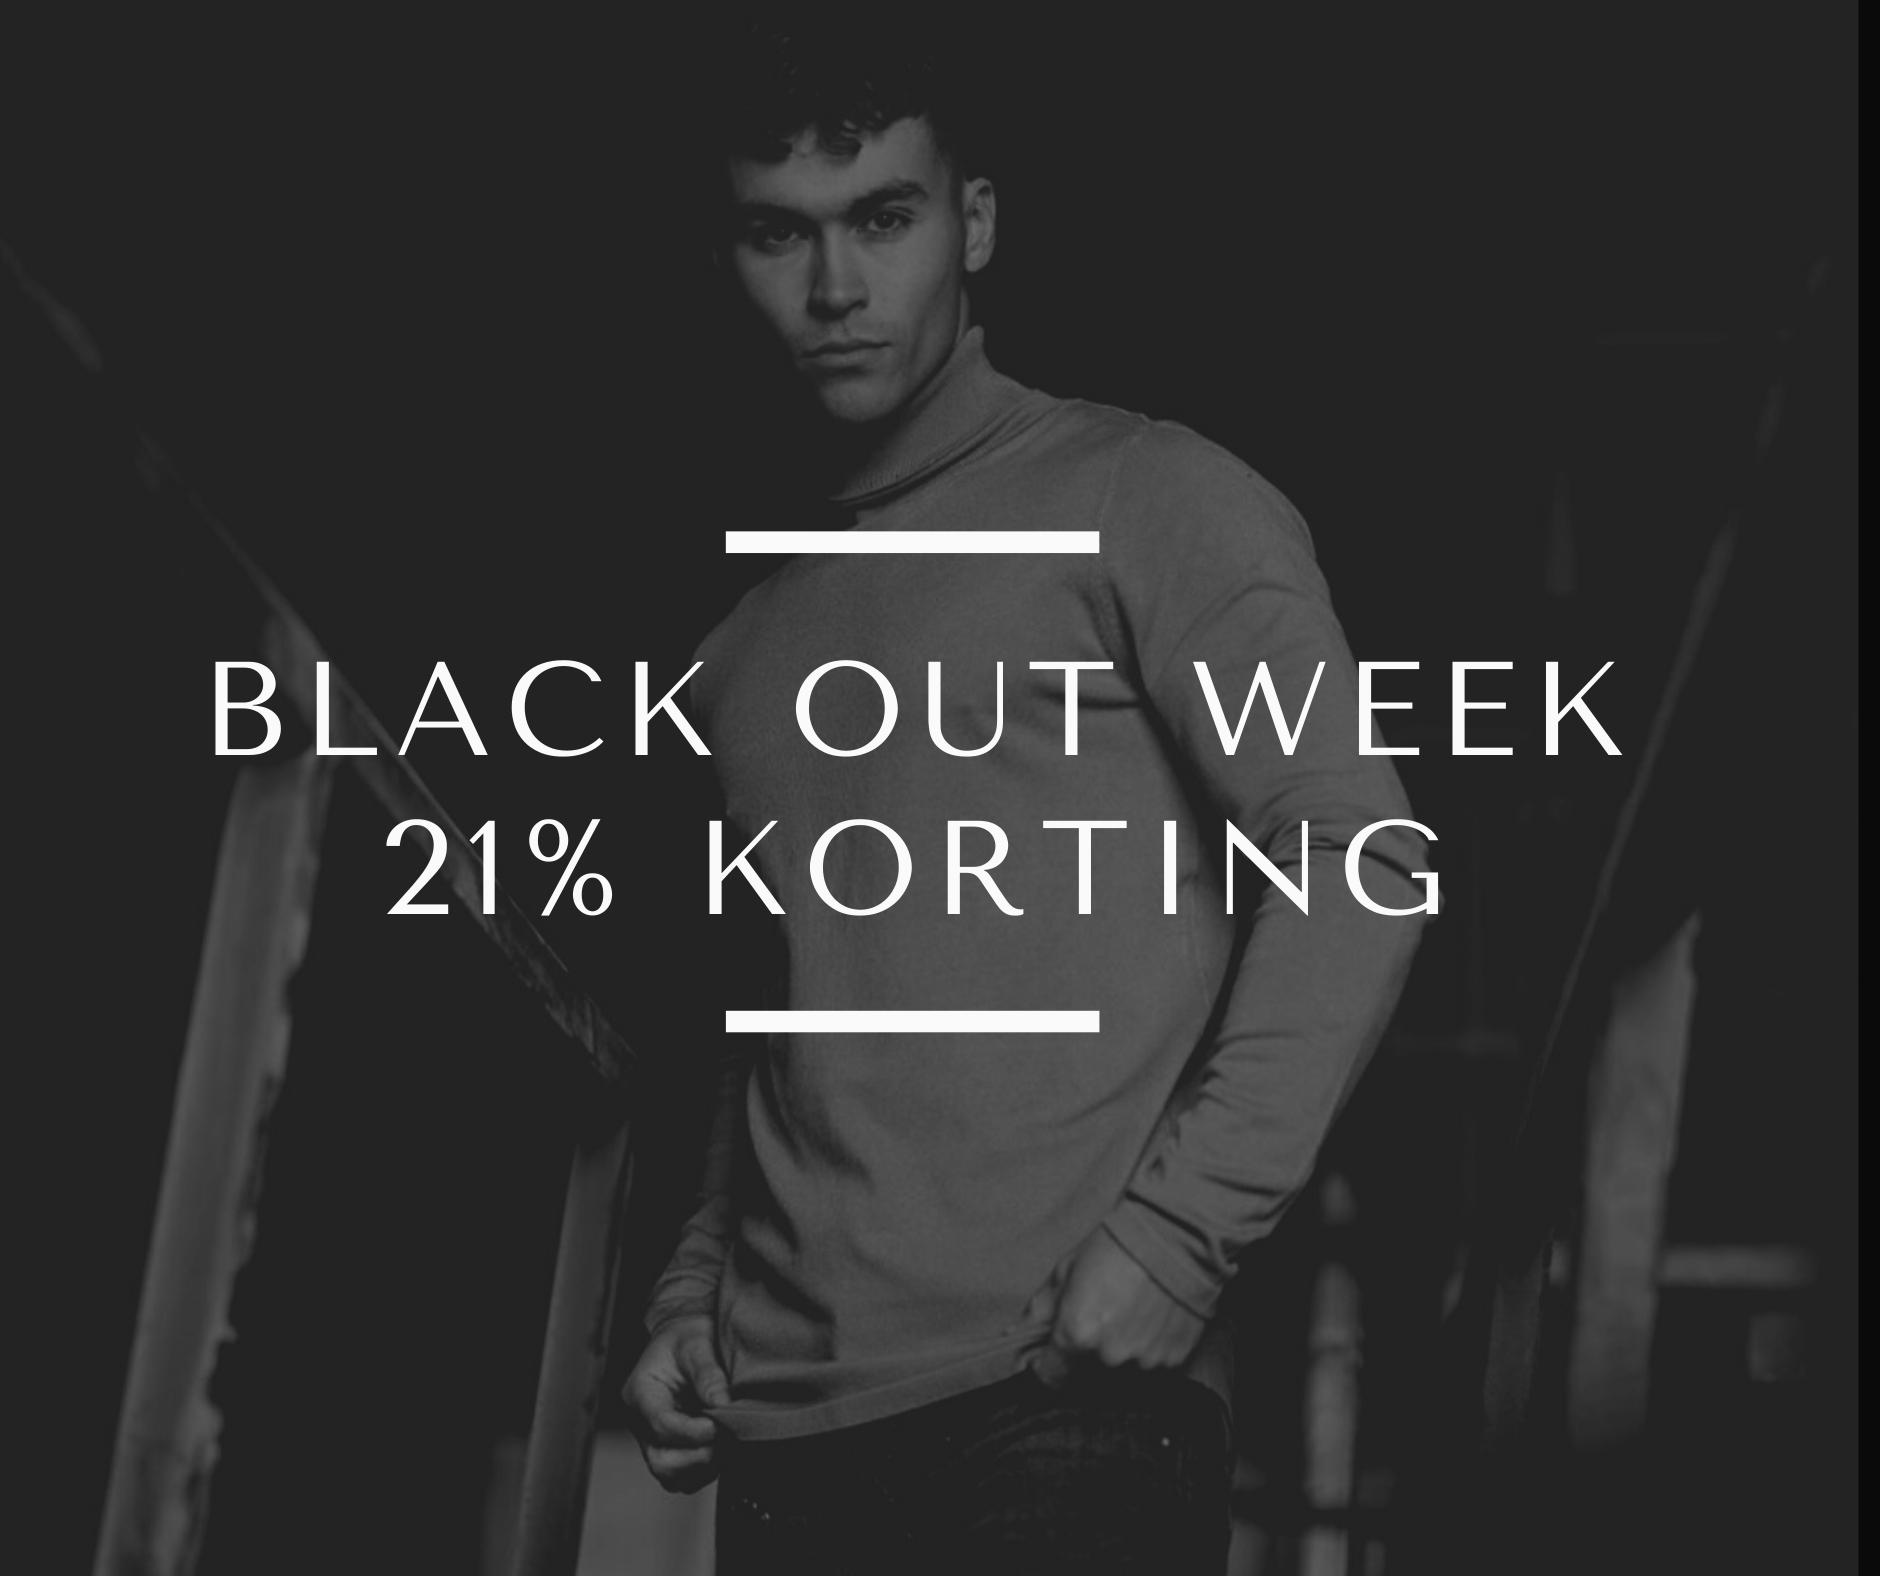 Black out week